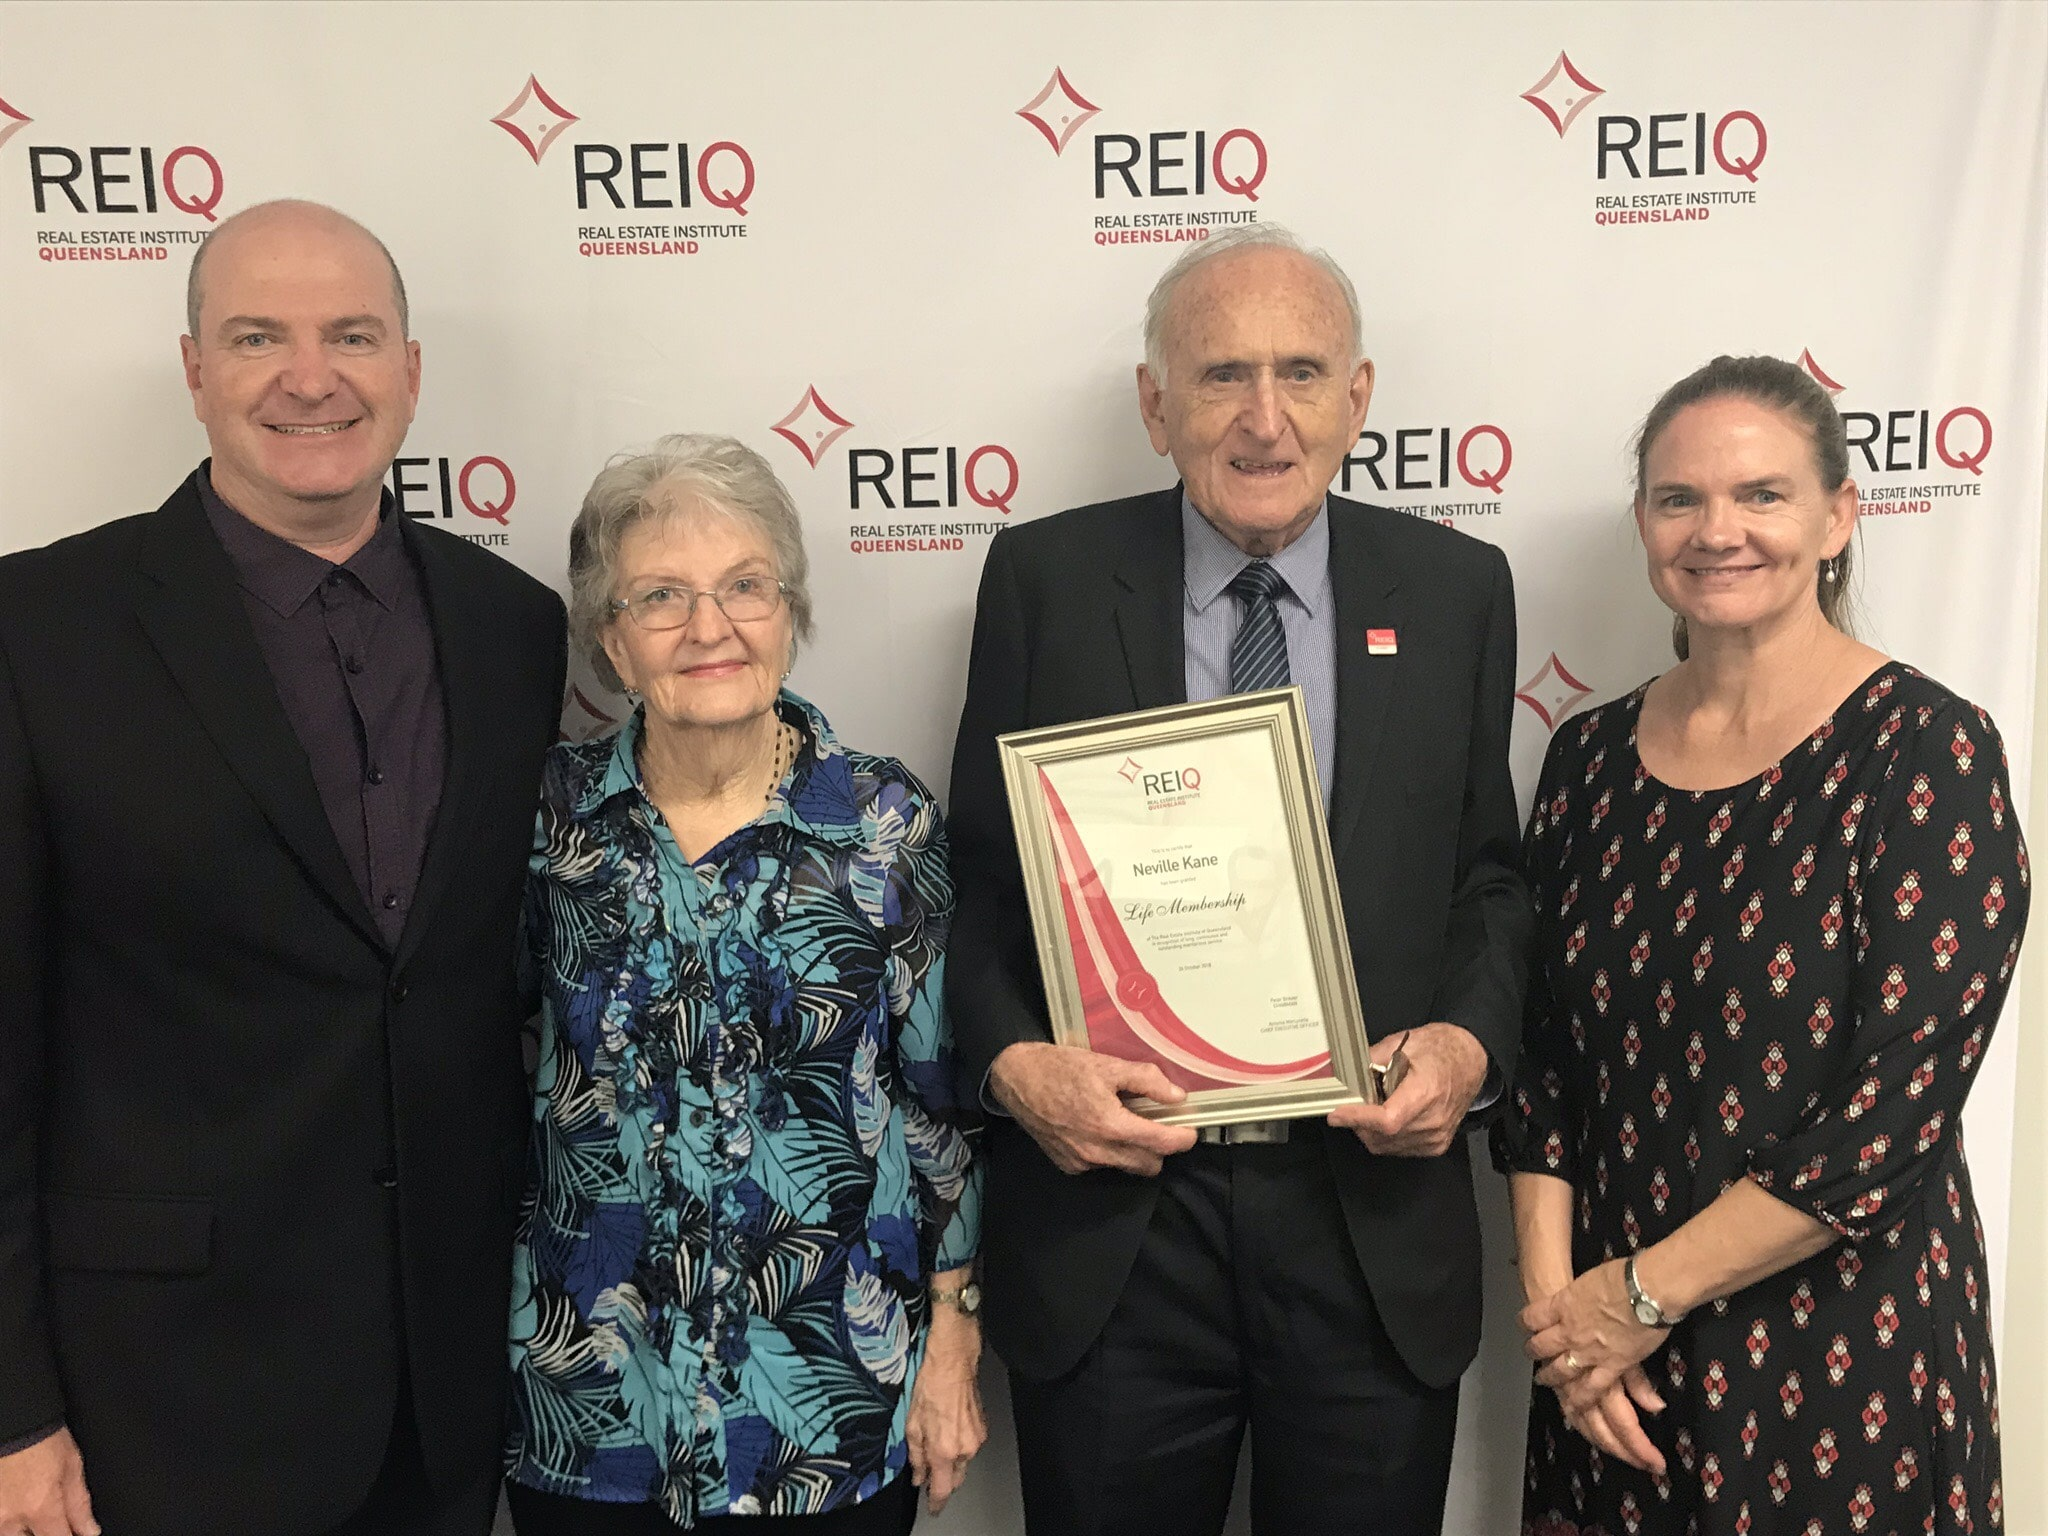 REIQ Life Membership